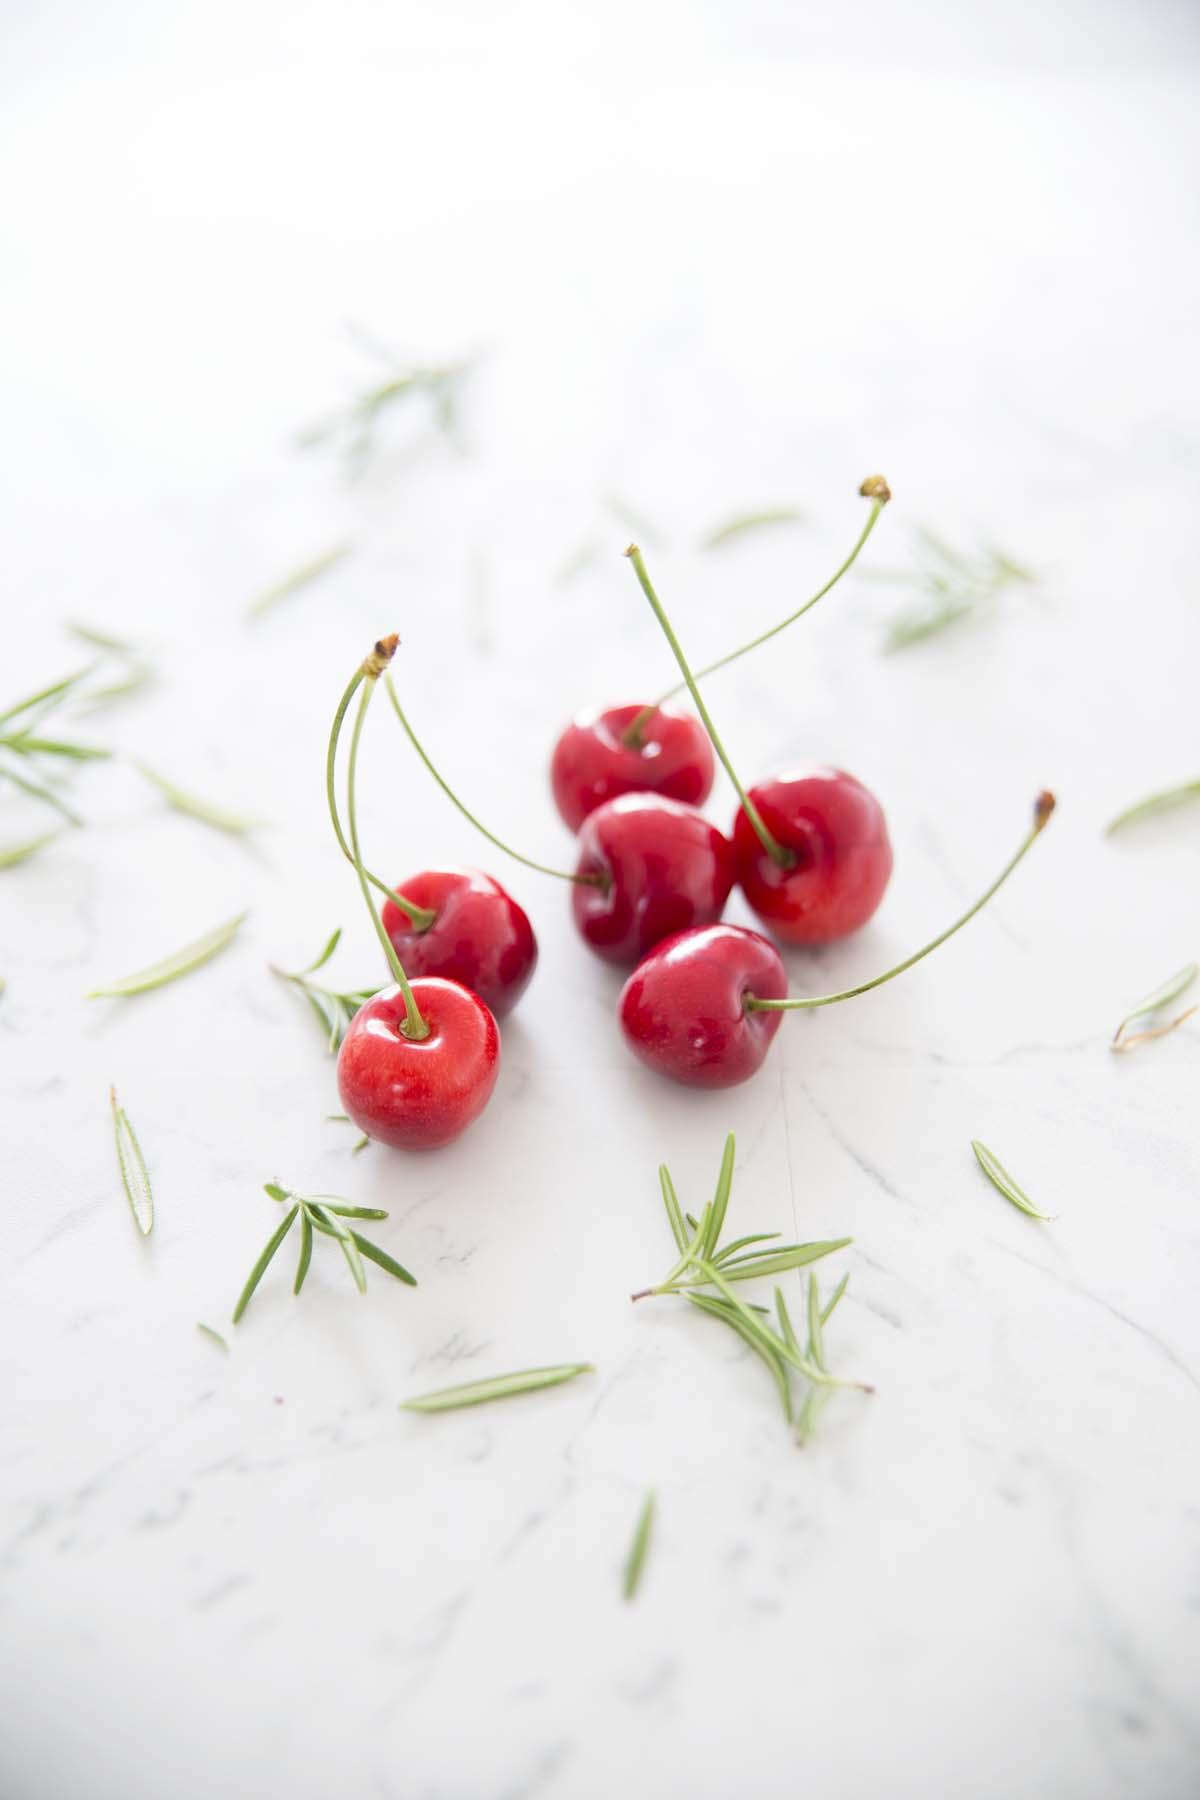 Calendrier des fruits et l gumes de saison du mois de juin biod lices - Fruit de saison juin ...